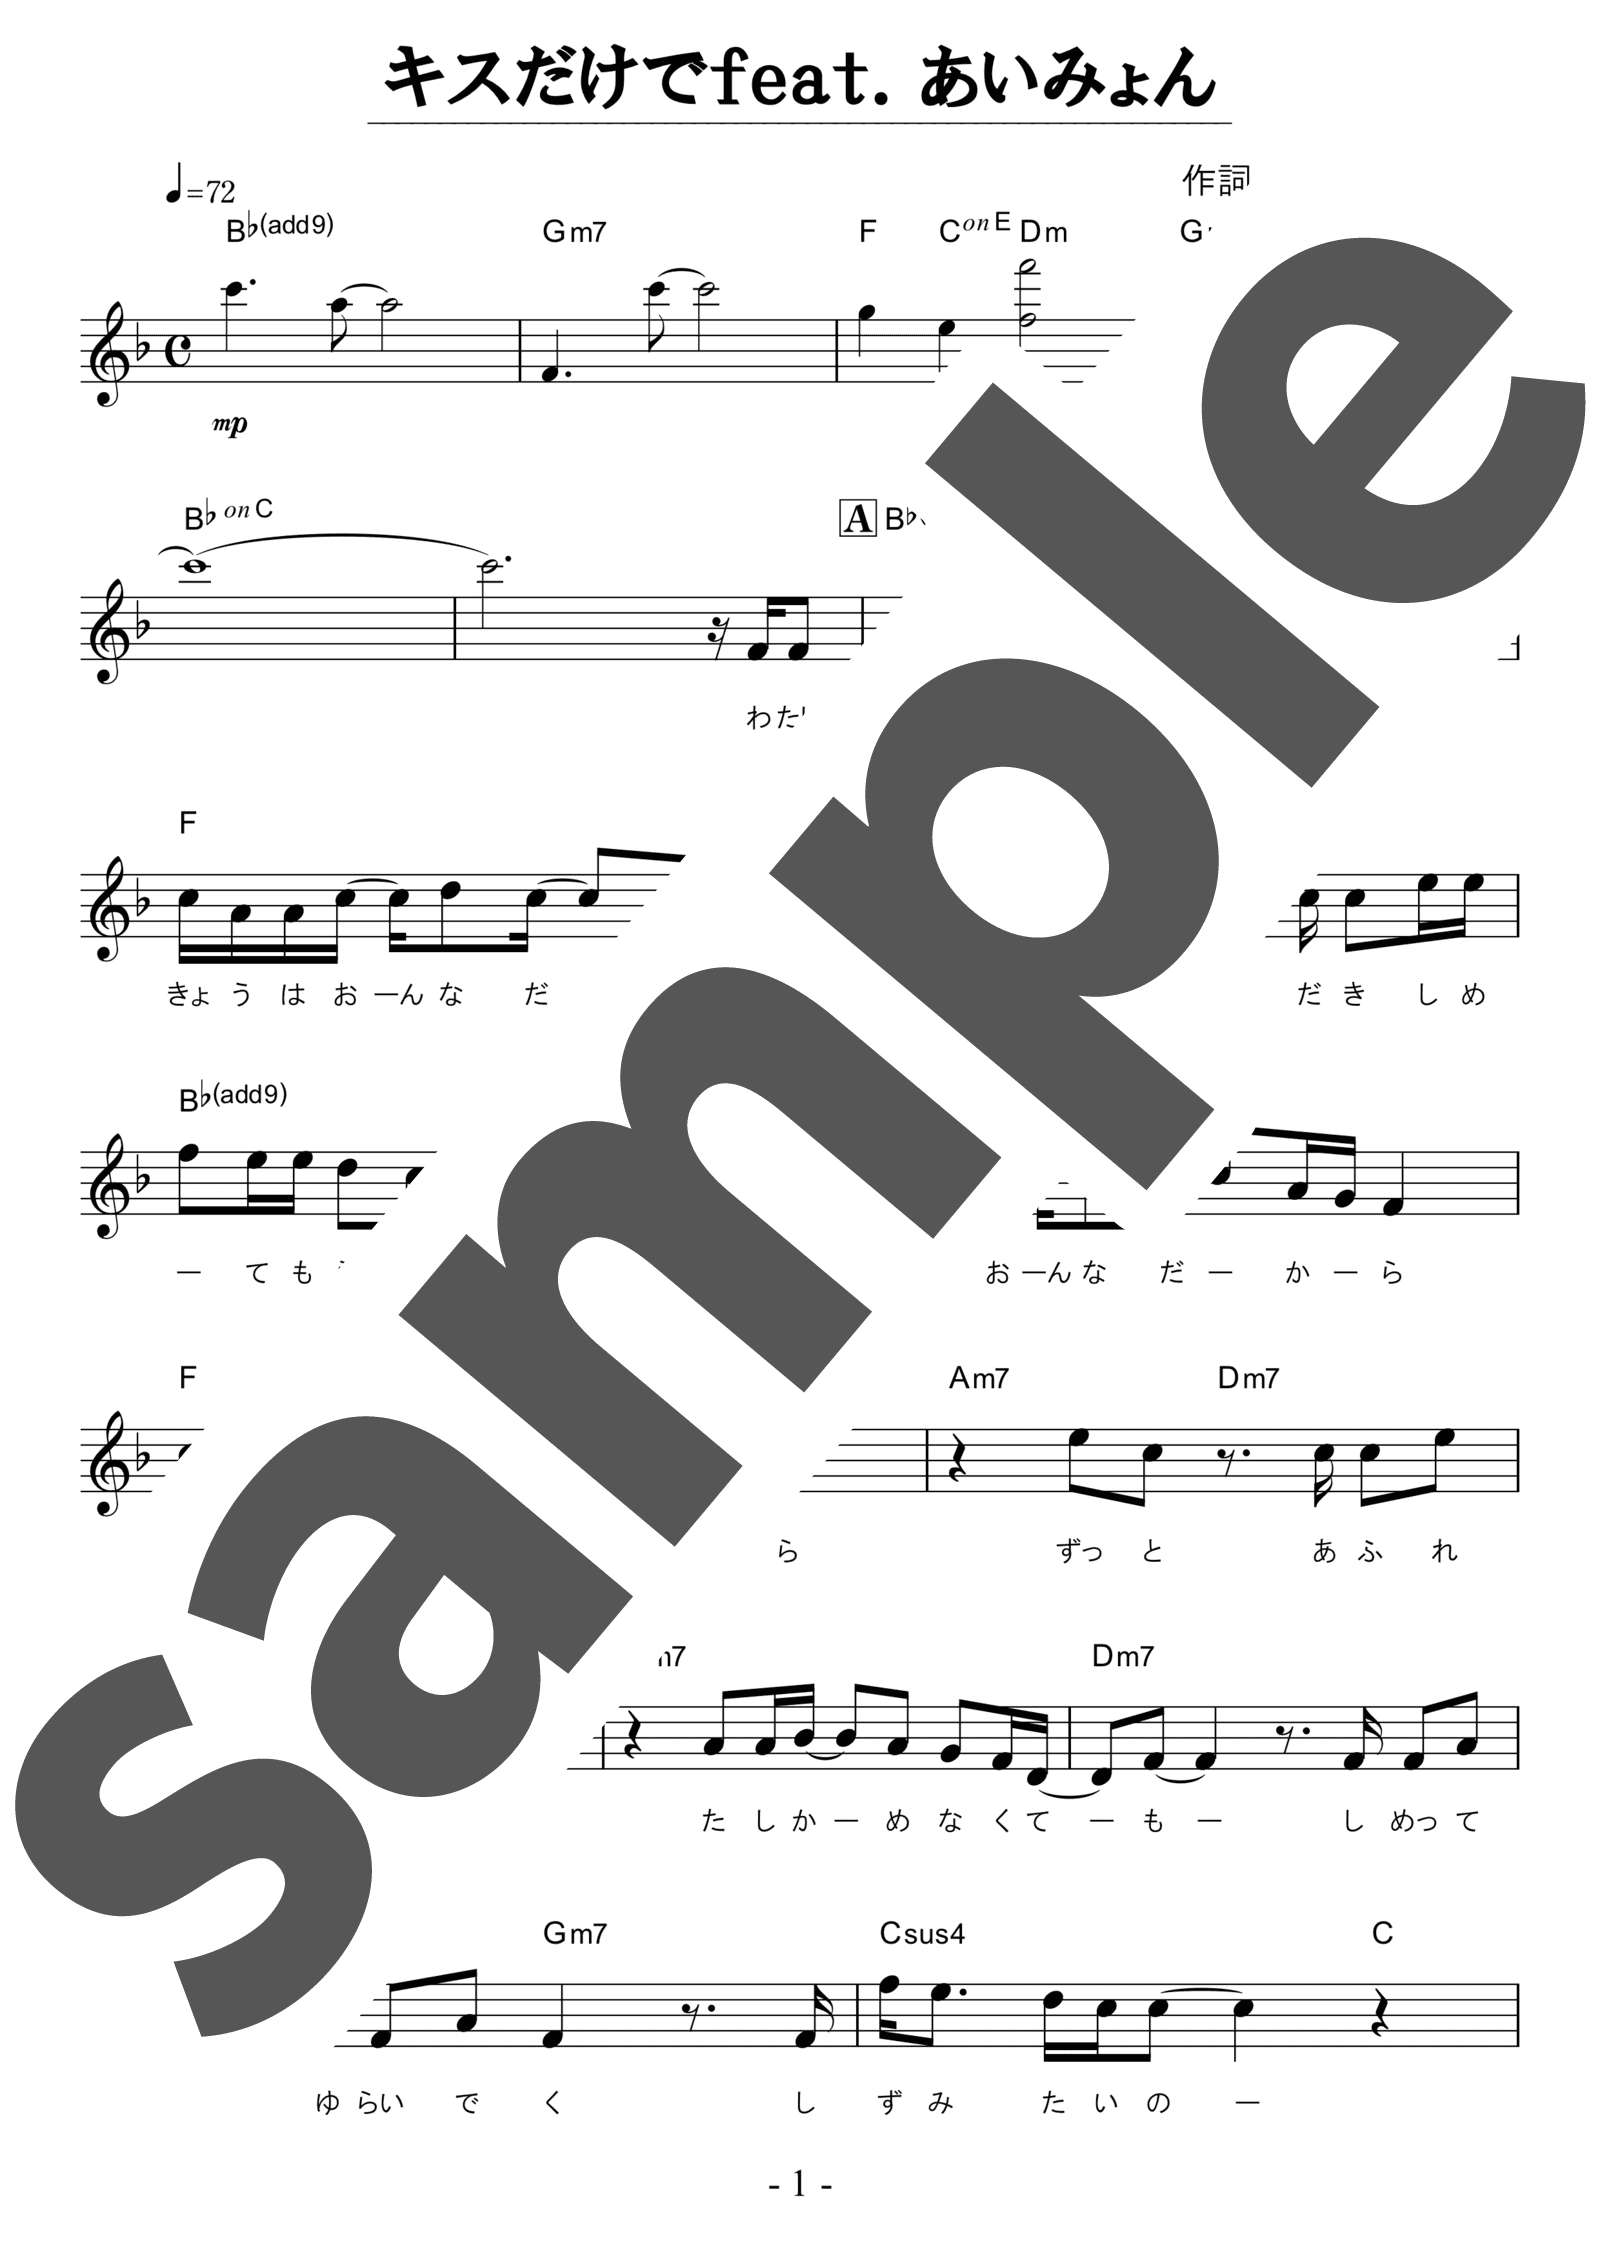 「キスだけで feat. あいみょん」のサンプル楽譜